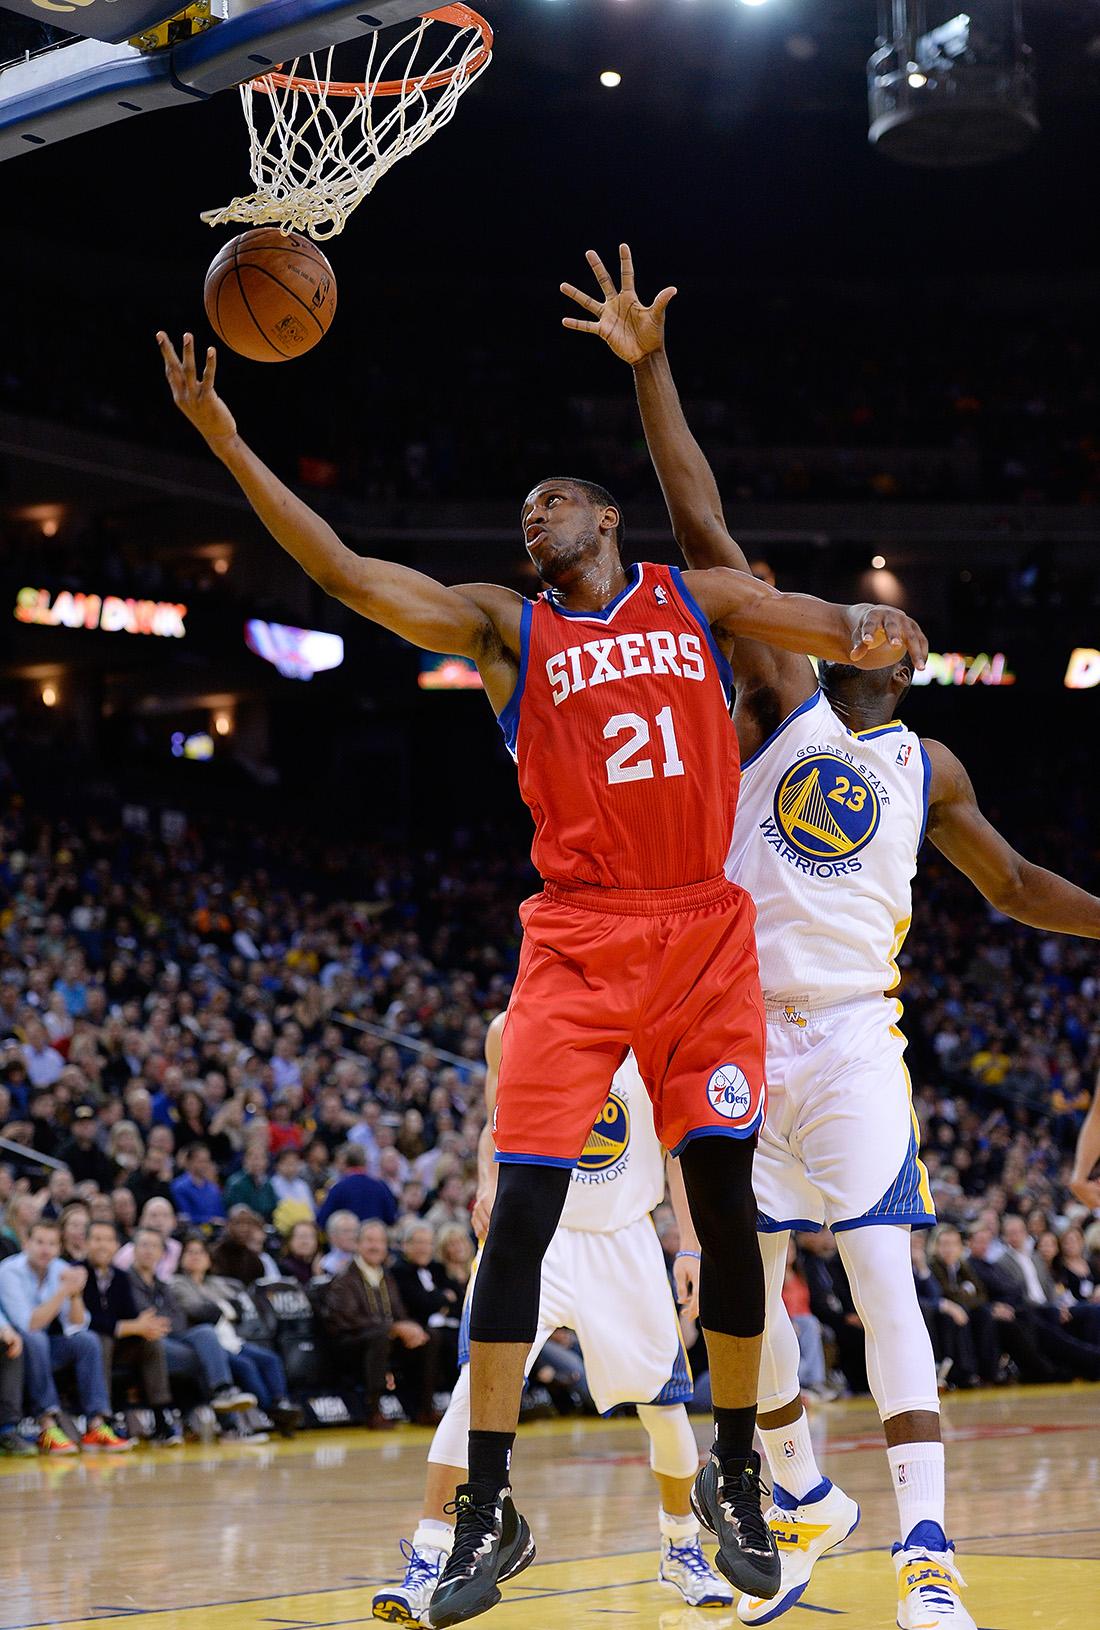 Thaddeus Young en viva basquet